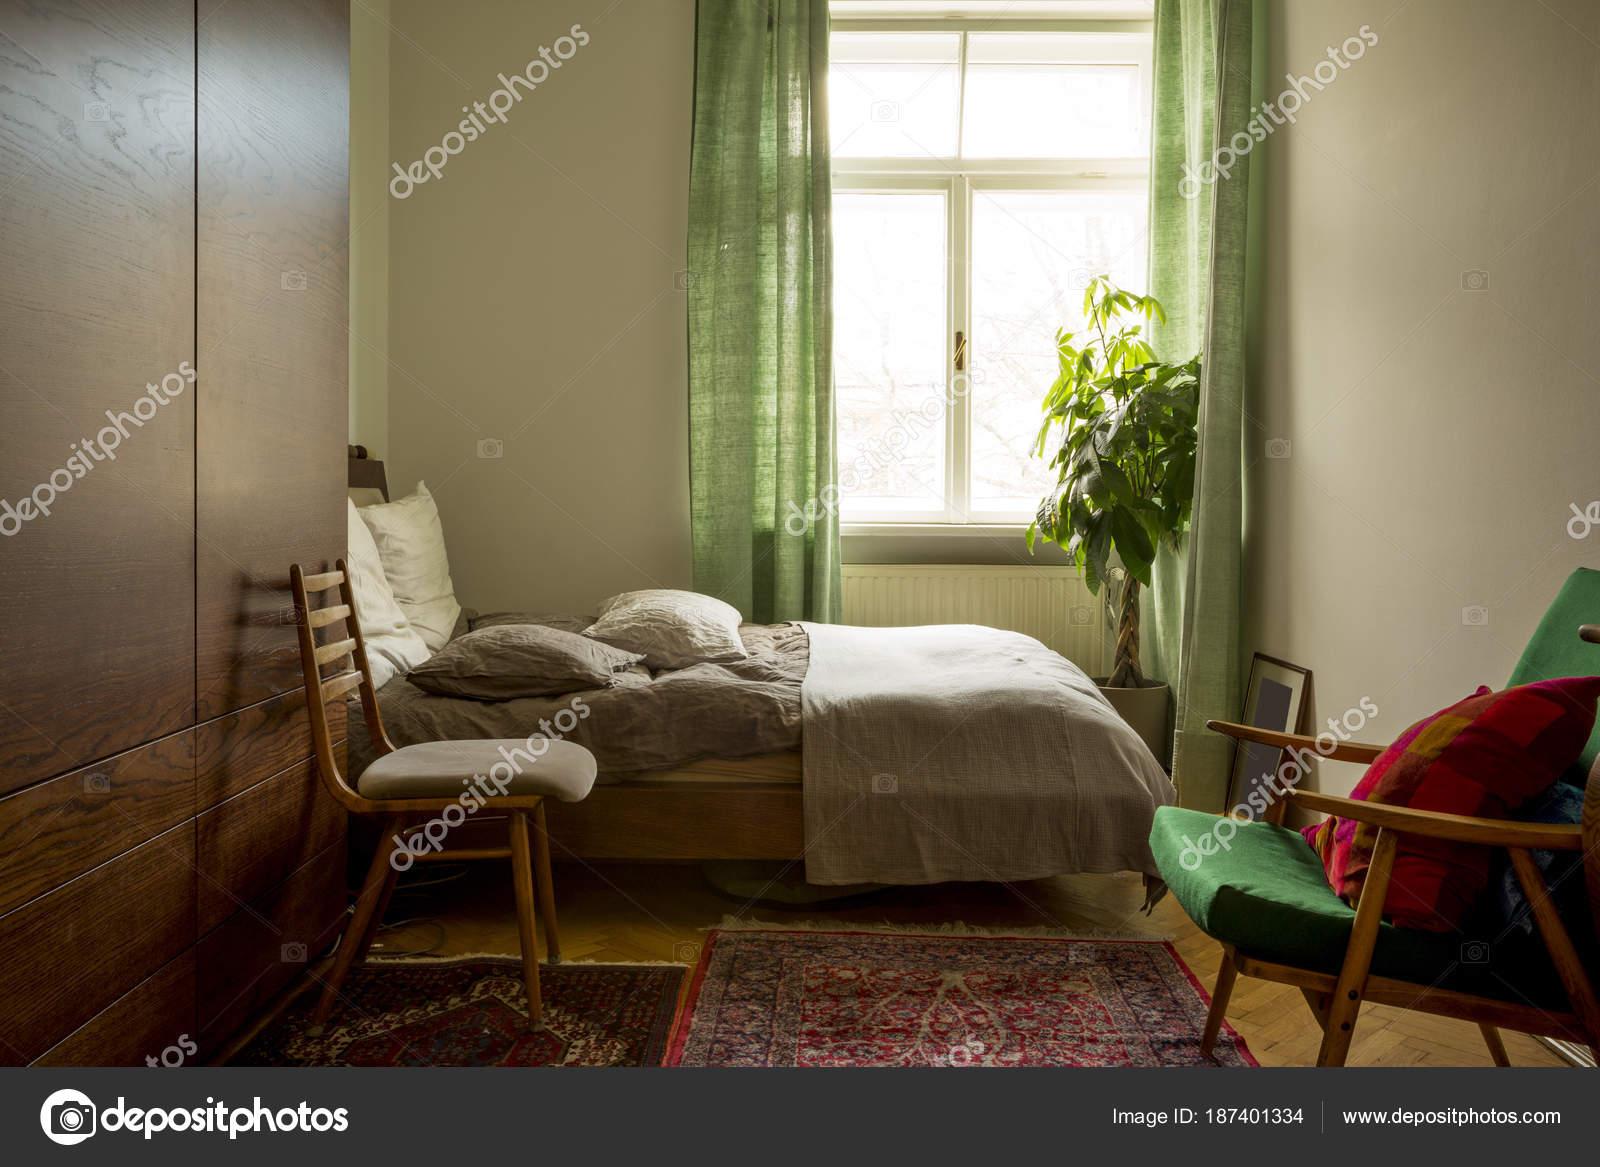 Hedendaagse slaapkamer in Scandinavische stijl — Stockfoto ...